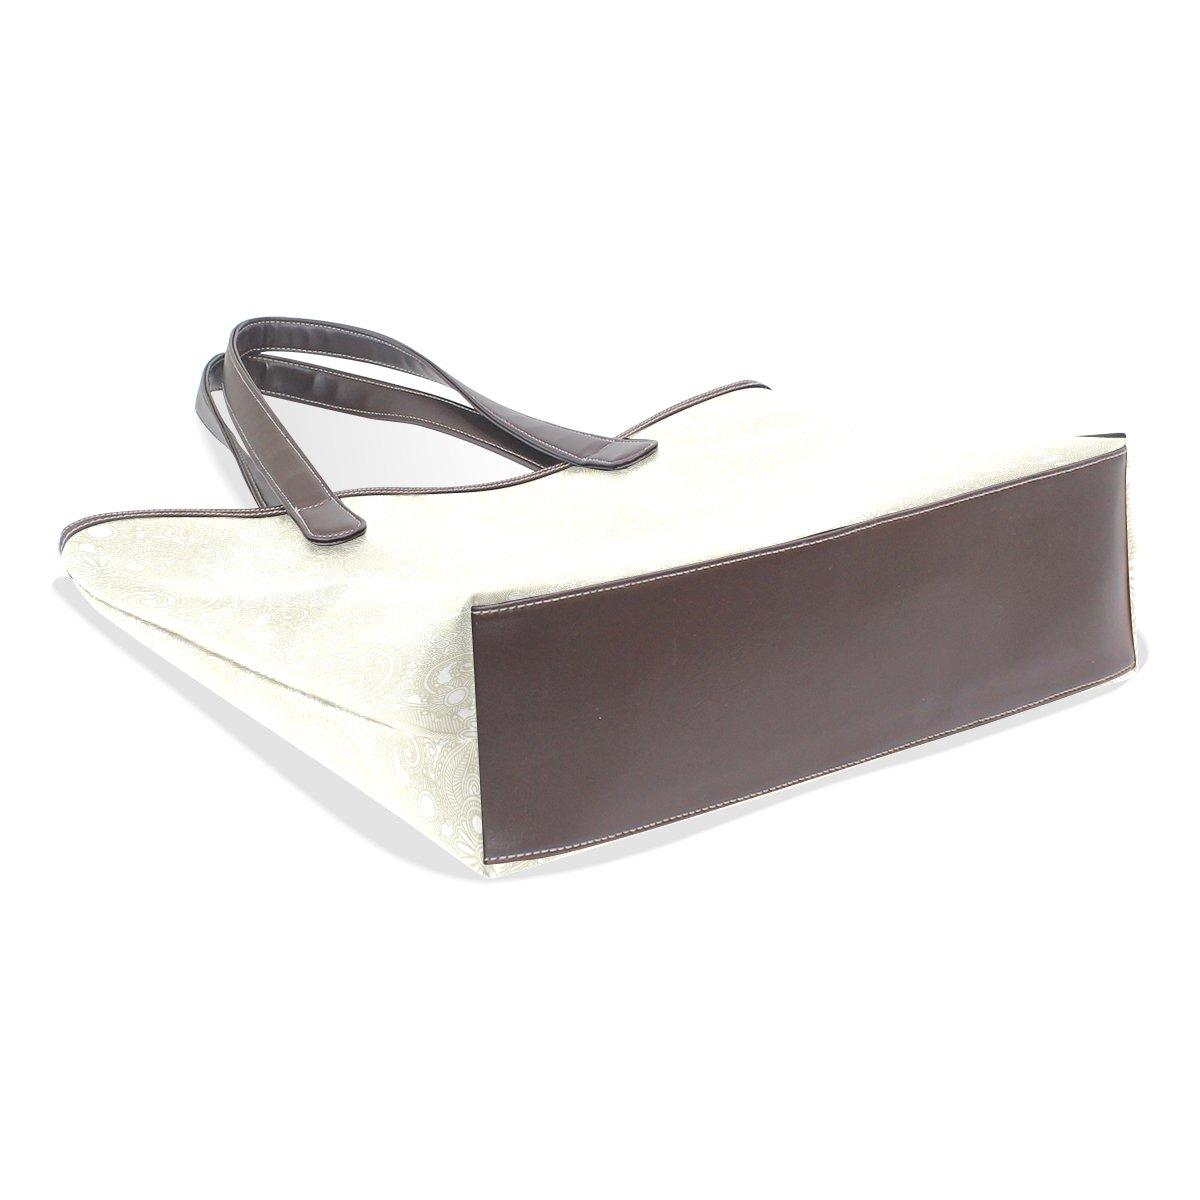 Beige Classic Lines PU Leather Handbag Tote Bag Shoulder Bag Shopping Bag For Lady